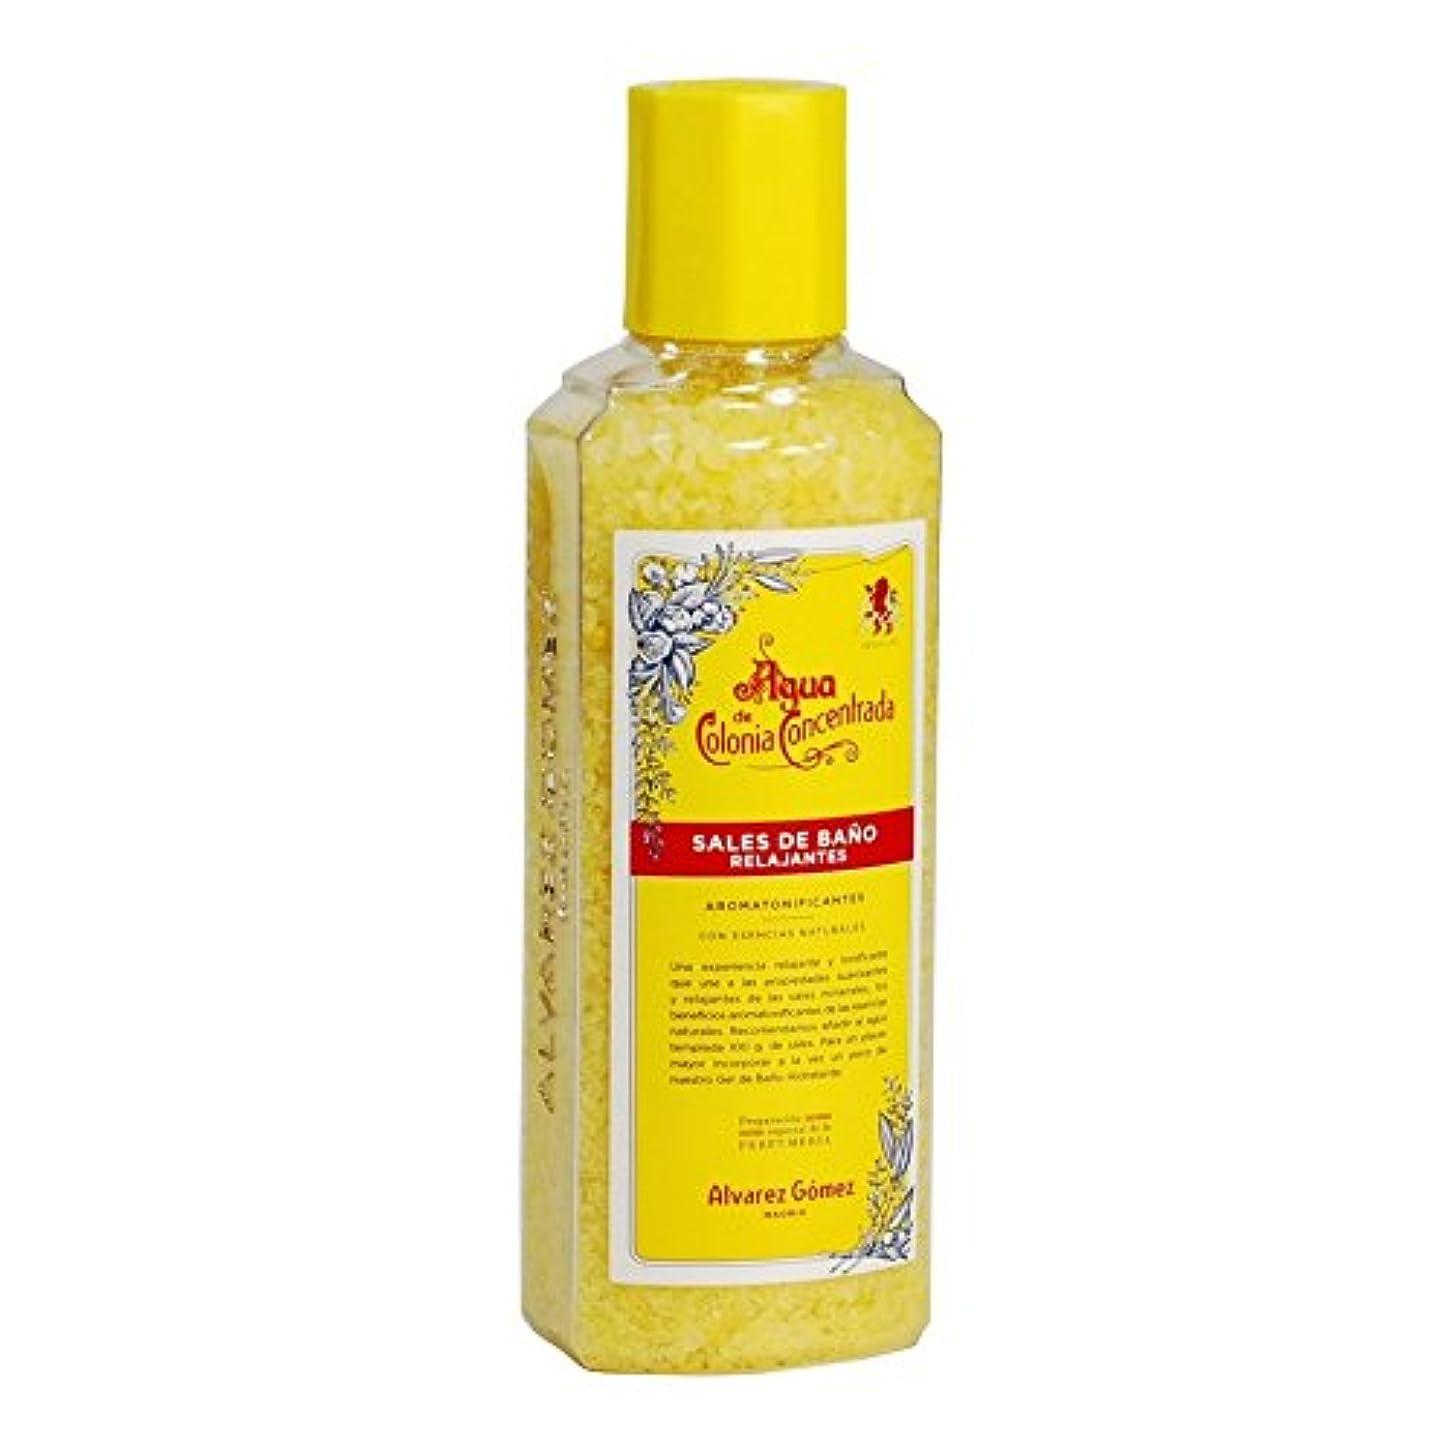 周術期狂ったティッシュ?lvarez G?mez Agua de Colonia Concentrada Bath Salts 300g (Pack of 6) - アルバレス?ゴメスアグア?デ?コロニア入浴剤300グラム x6 [並行輸入品]